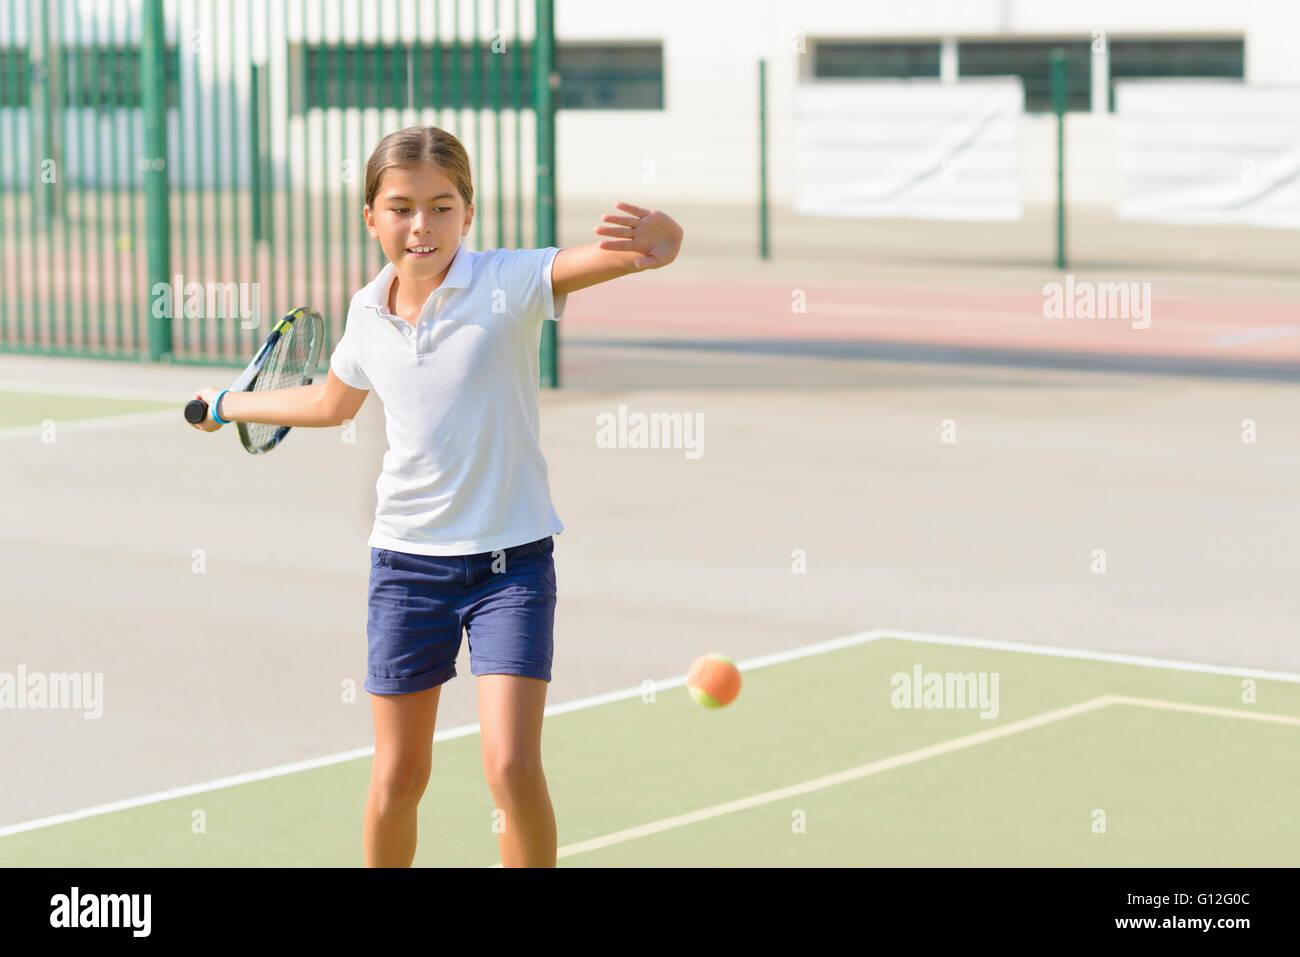 Hermosa niña jugando a tenis en la pista de tenis Imagen De Stock